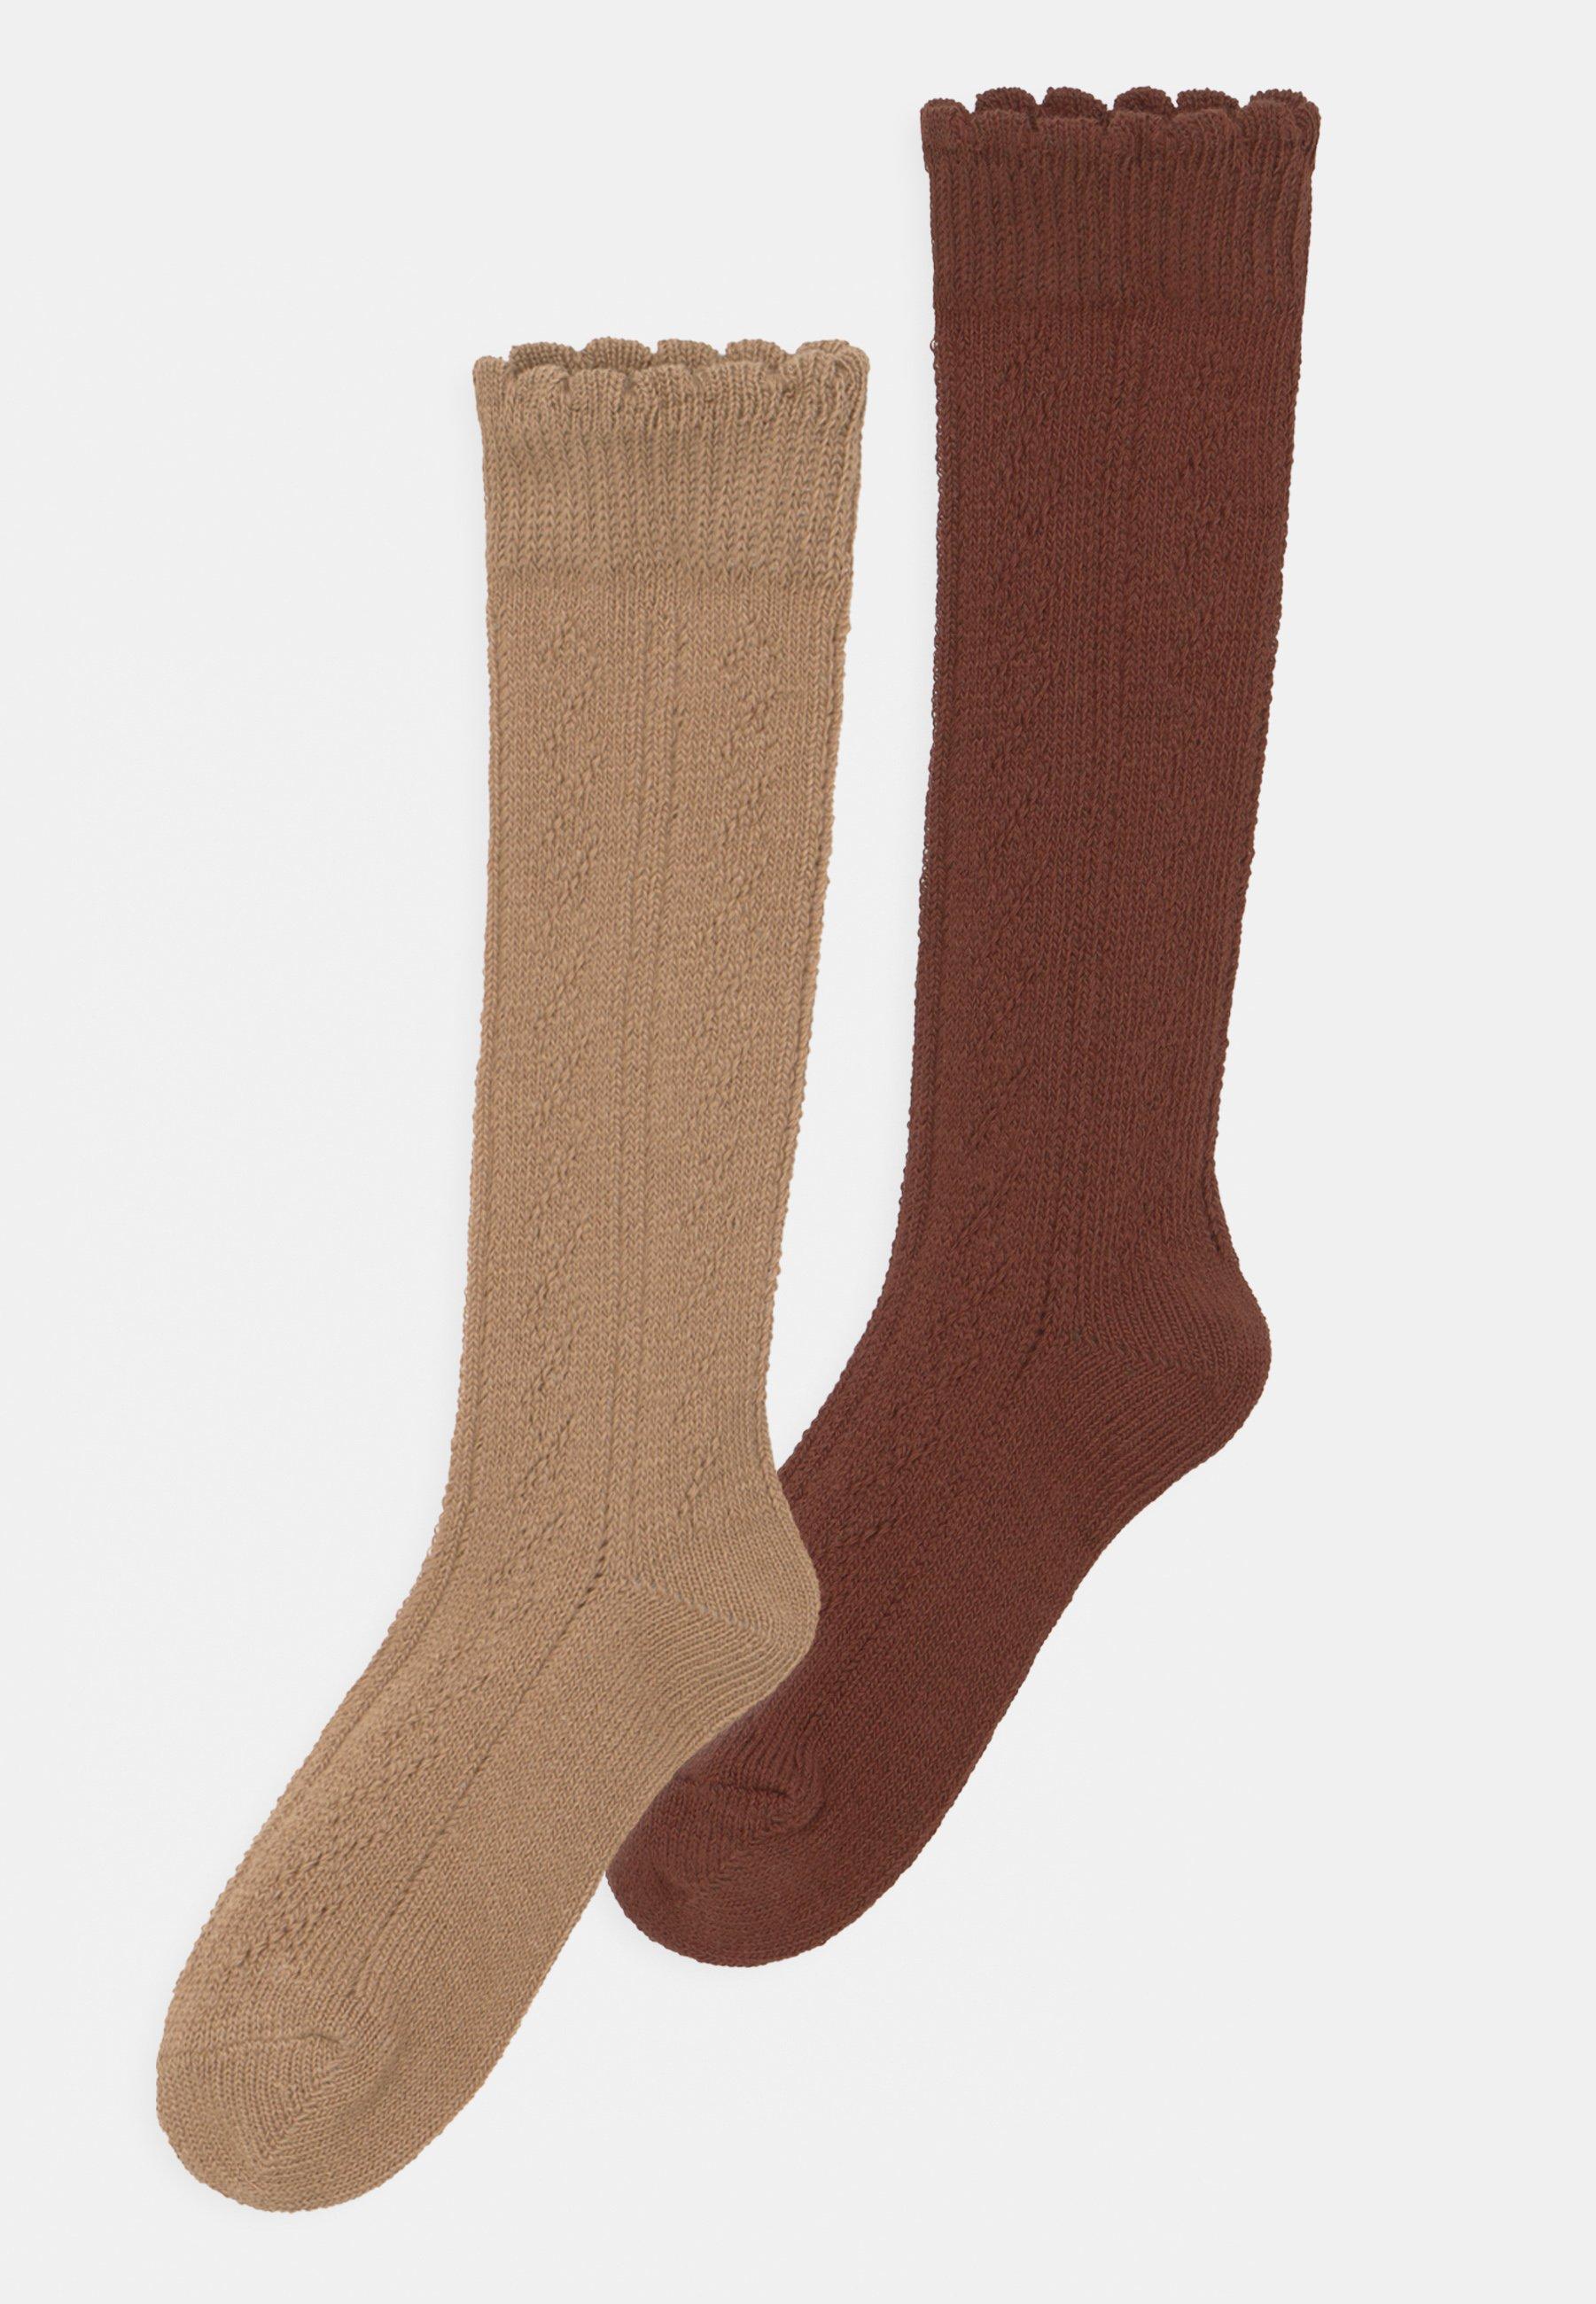 Kids TRAFORATO 2 PACK UNISEX - Knee high socks